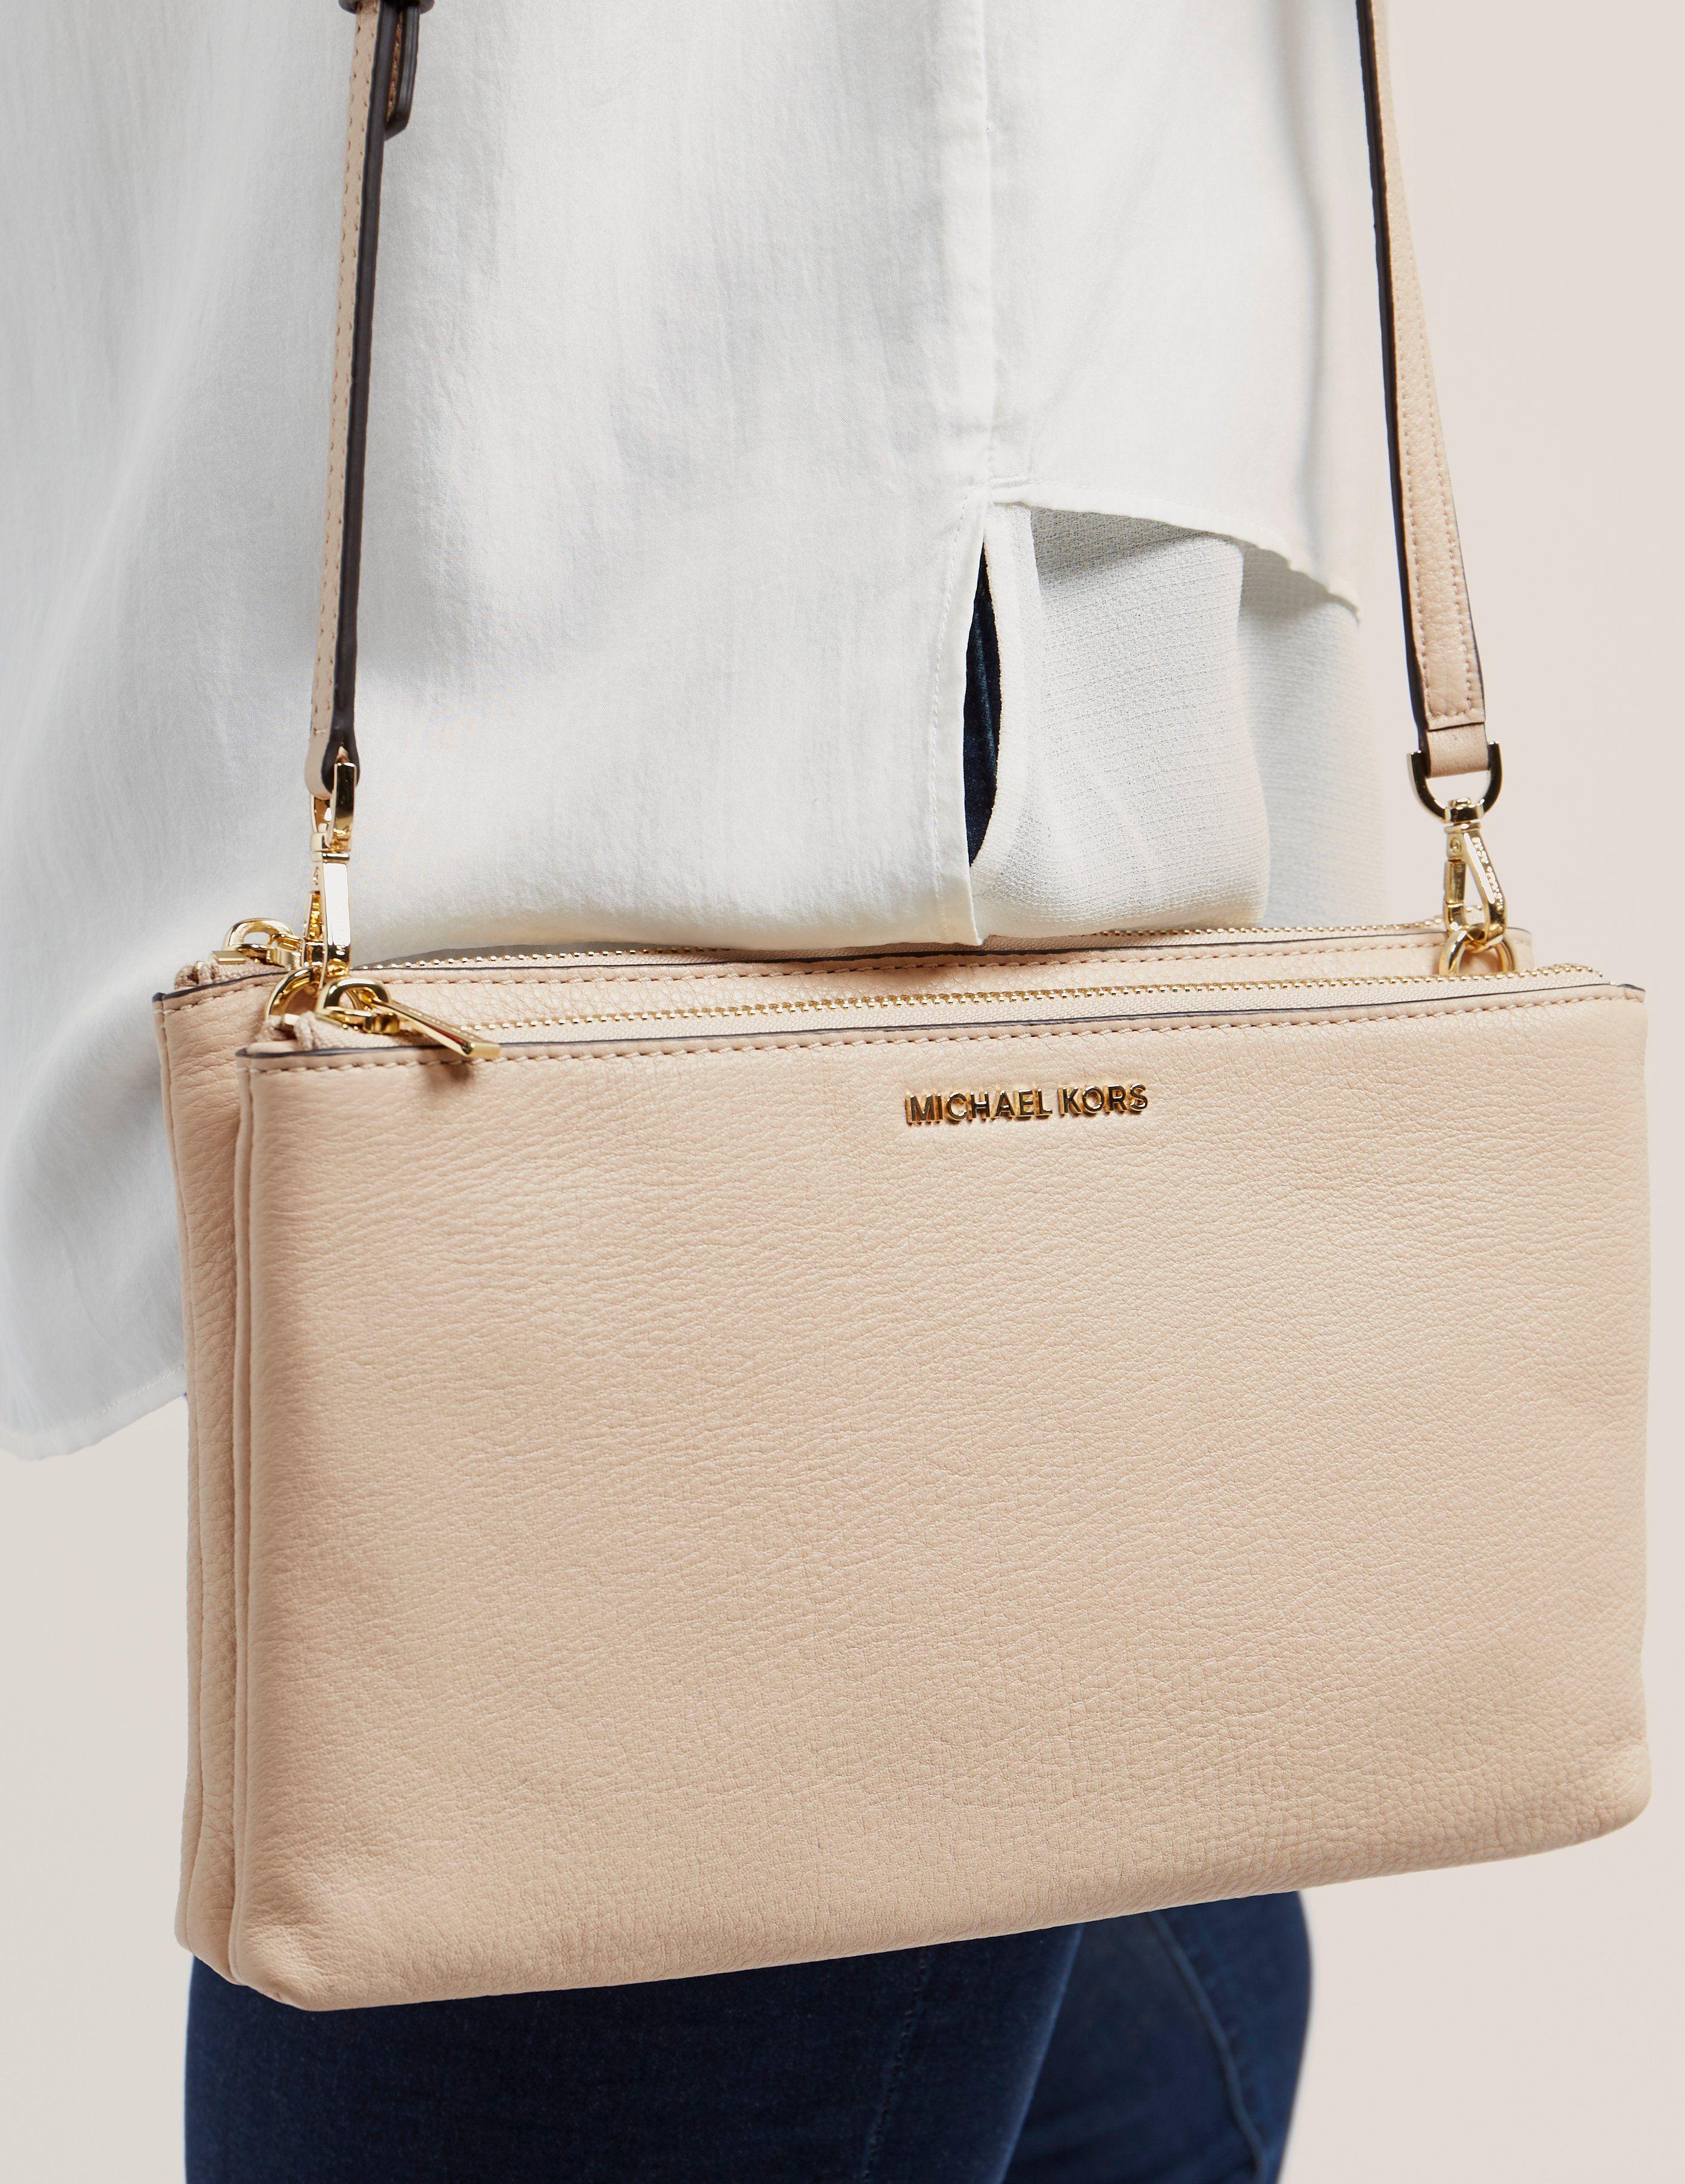 Michael Kors Adele Double Crossbody bag